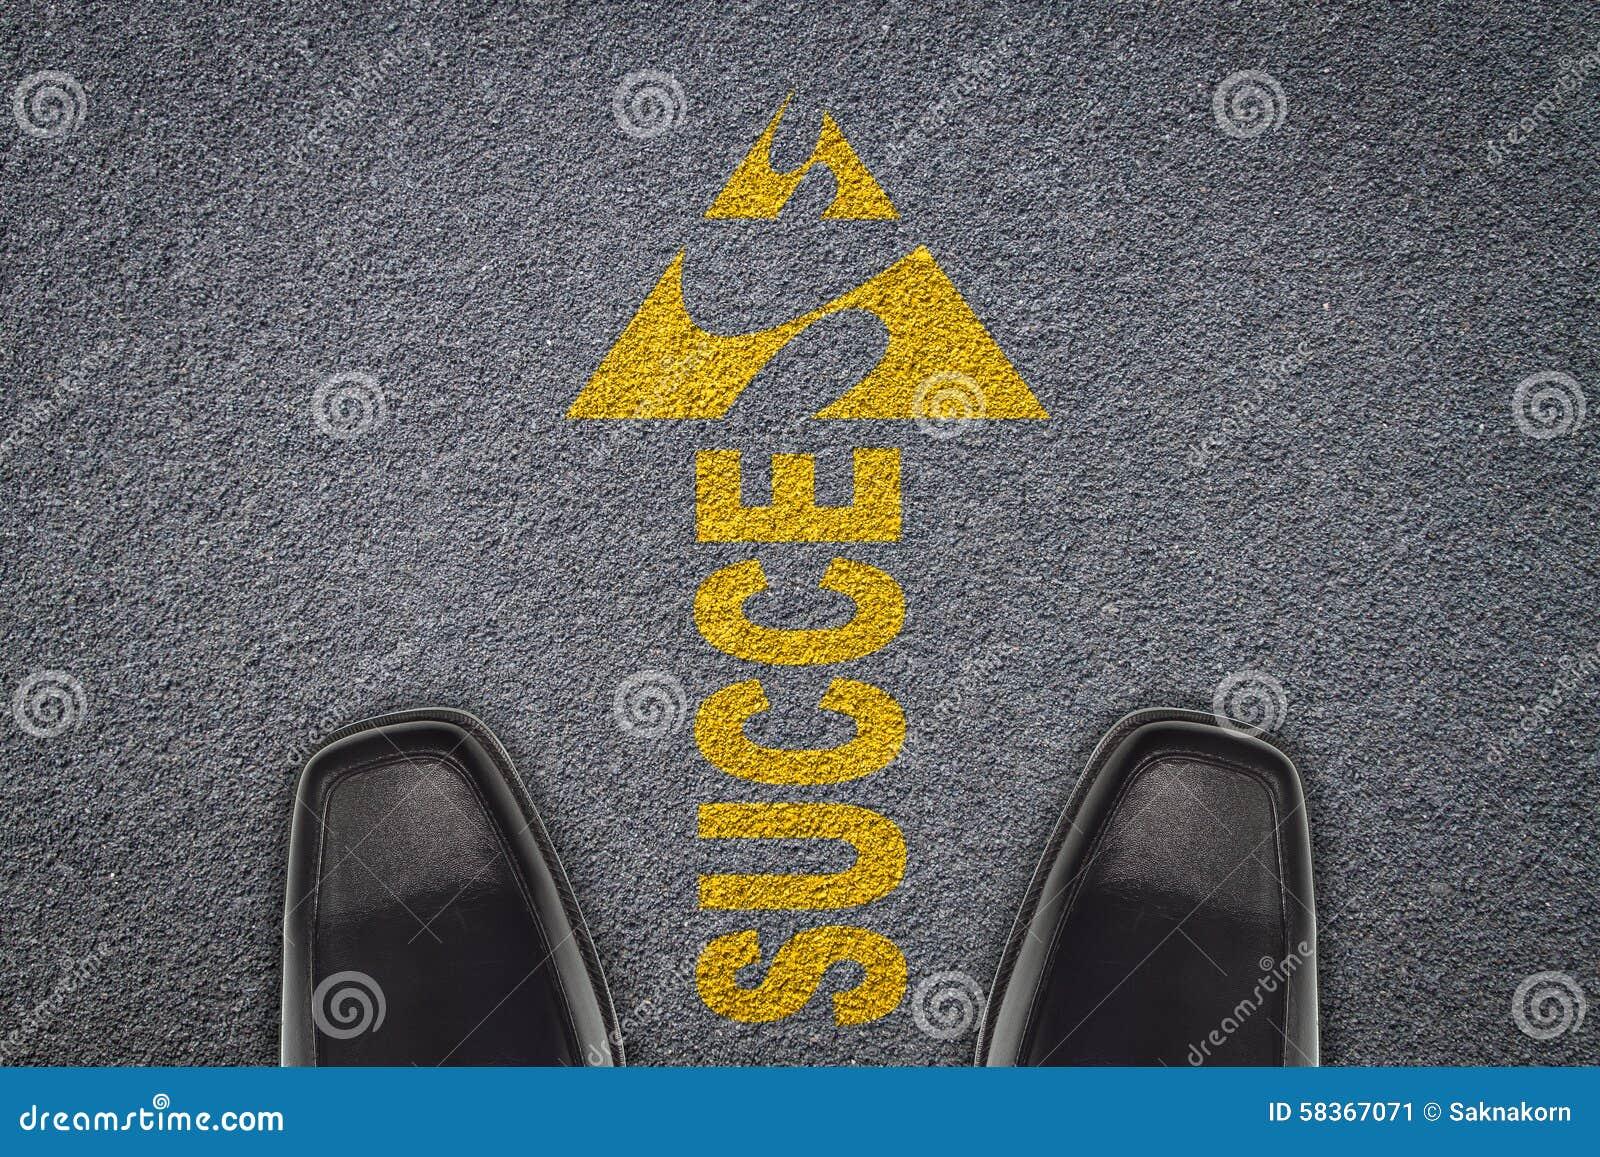 Businessmen standing in front of arrows on asphalt road,